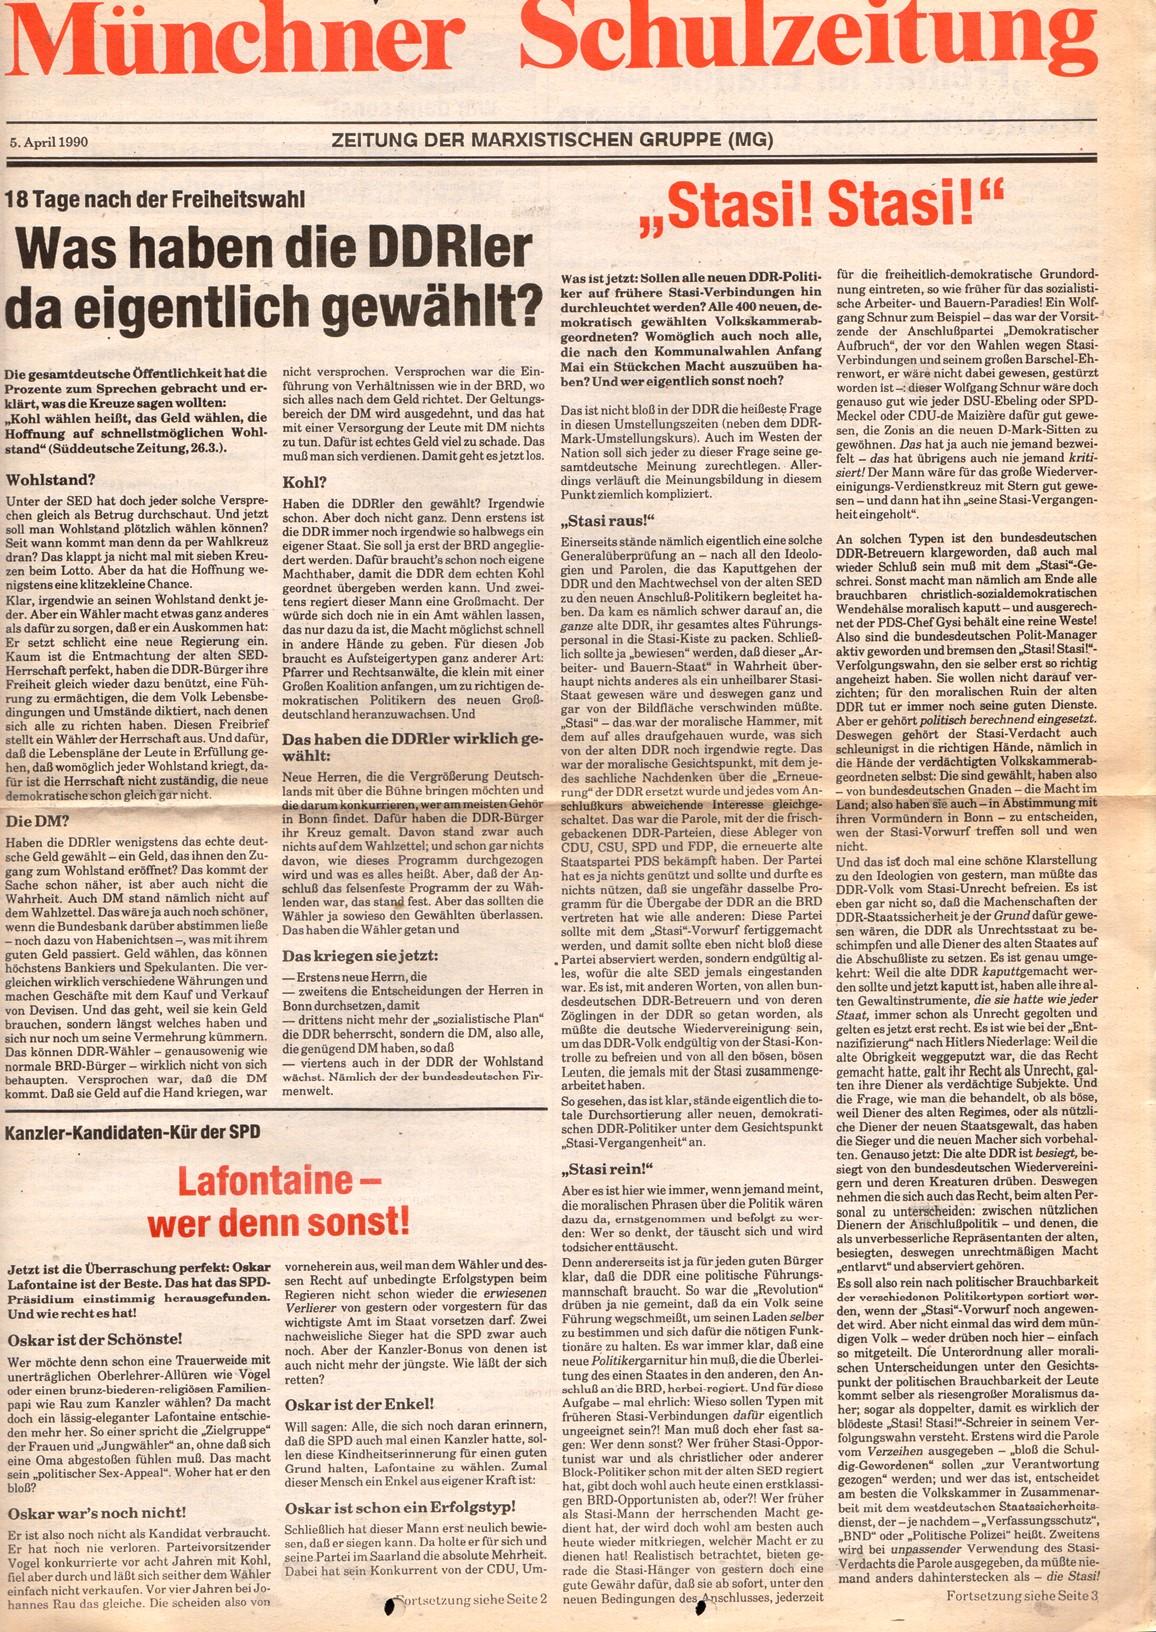 Muenchen_MG_Schulzeitung_19900405_01